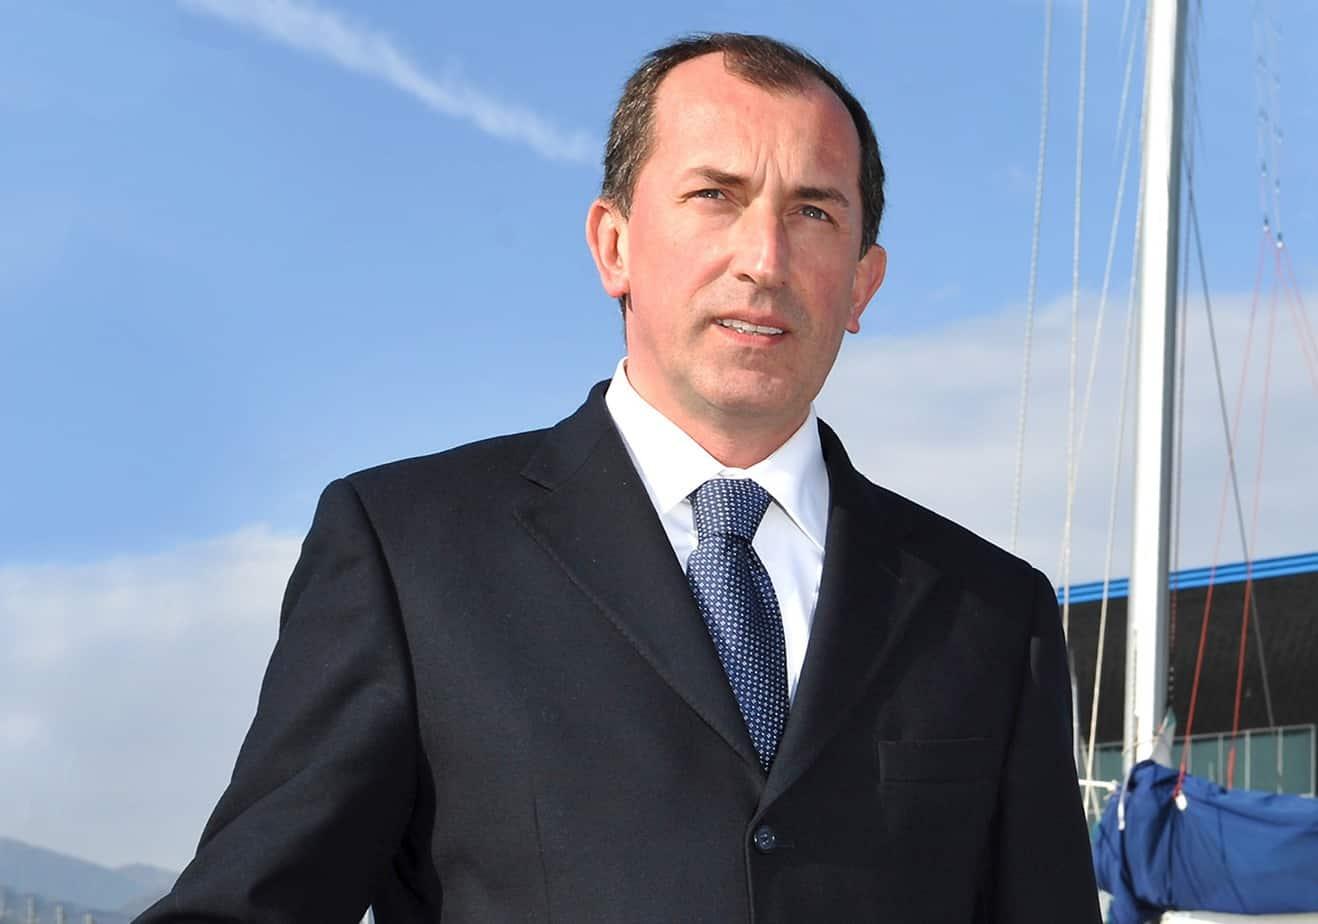 Il Dott. Luigi Merlo, Presidente dell'Autorità Portuale di Genova e Presidente di Assoporti, l'Associazione che riunisce le Autorità Portuali italiane